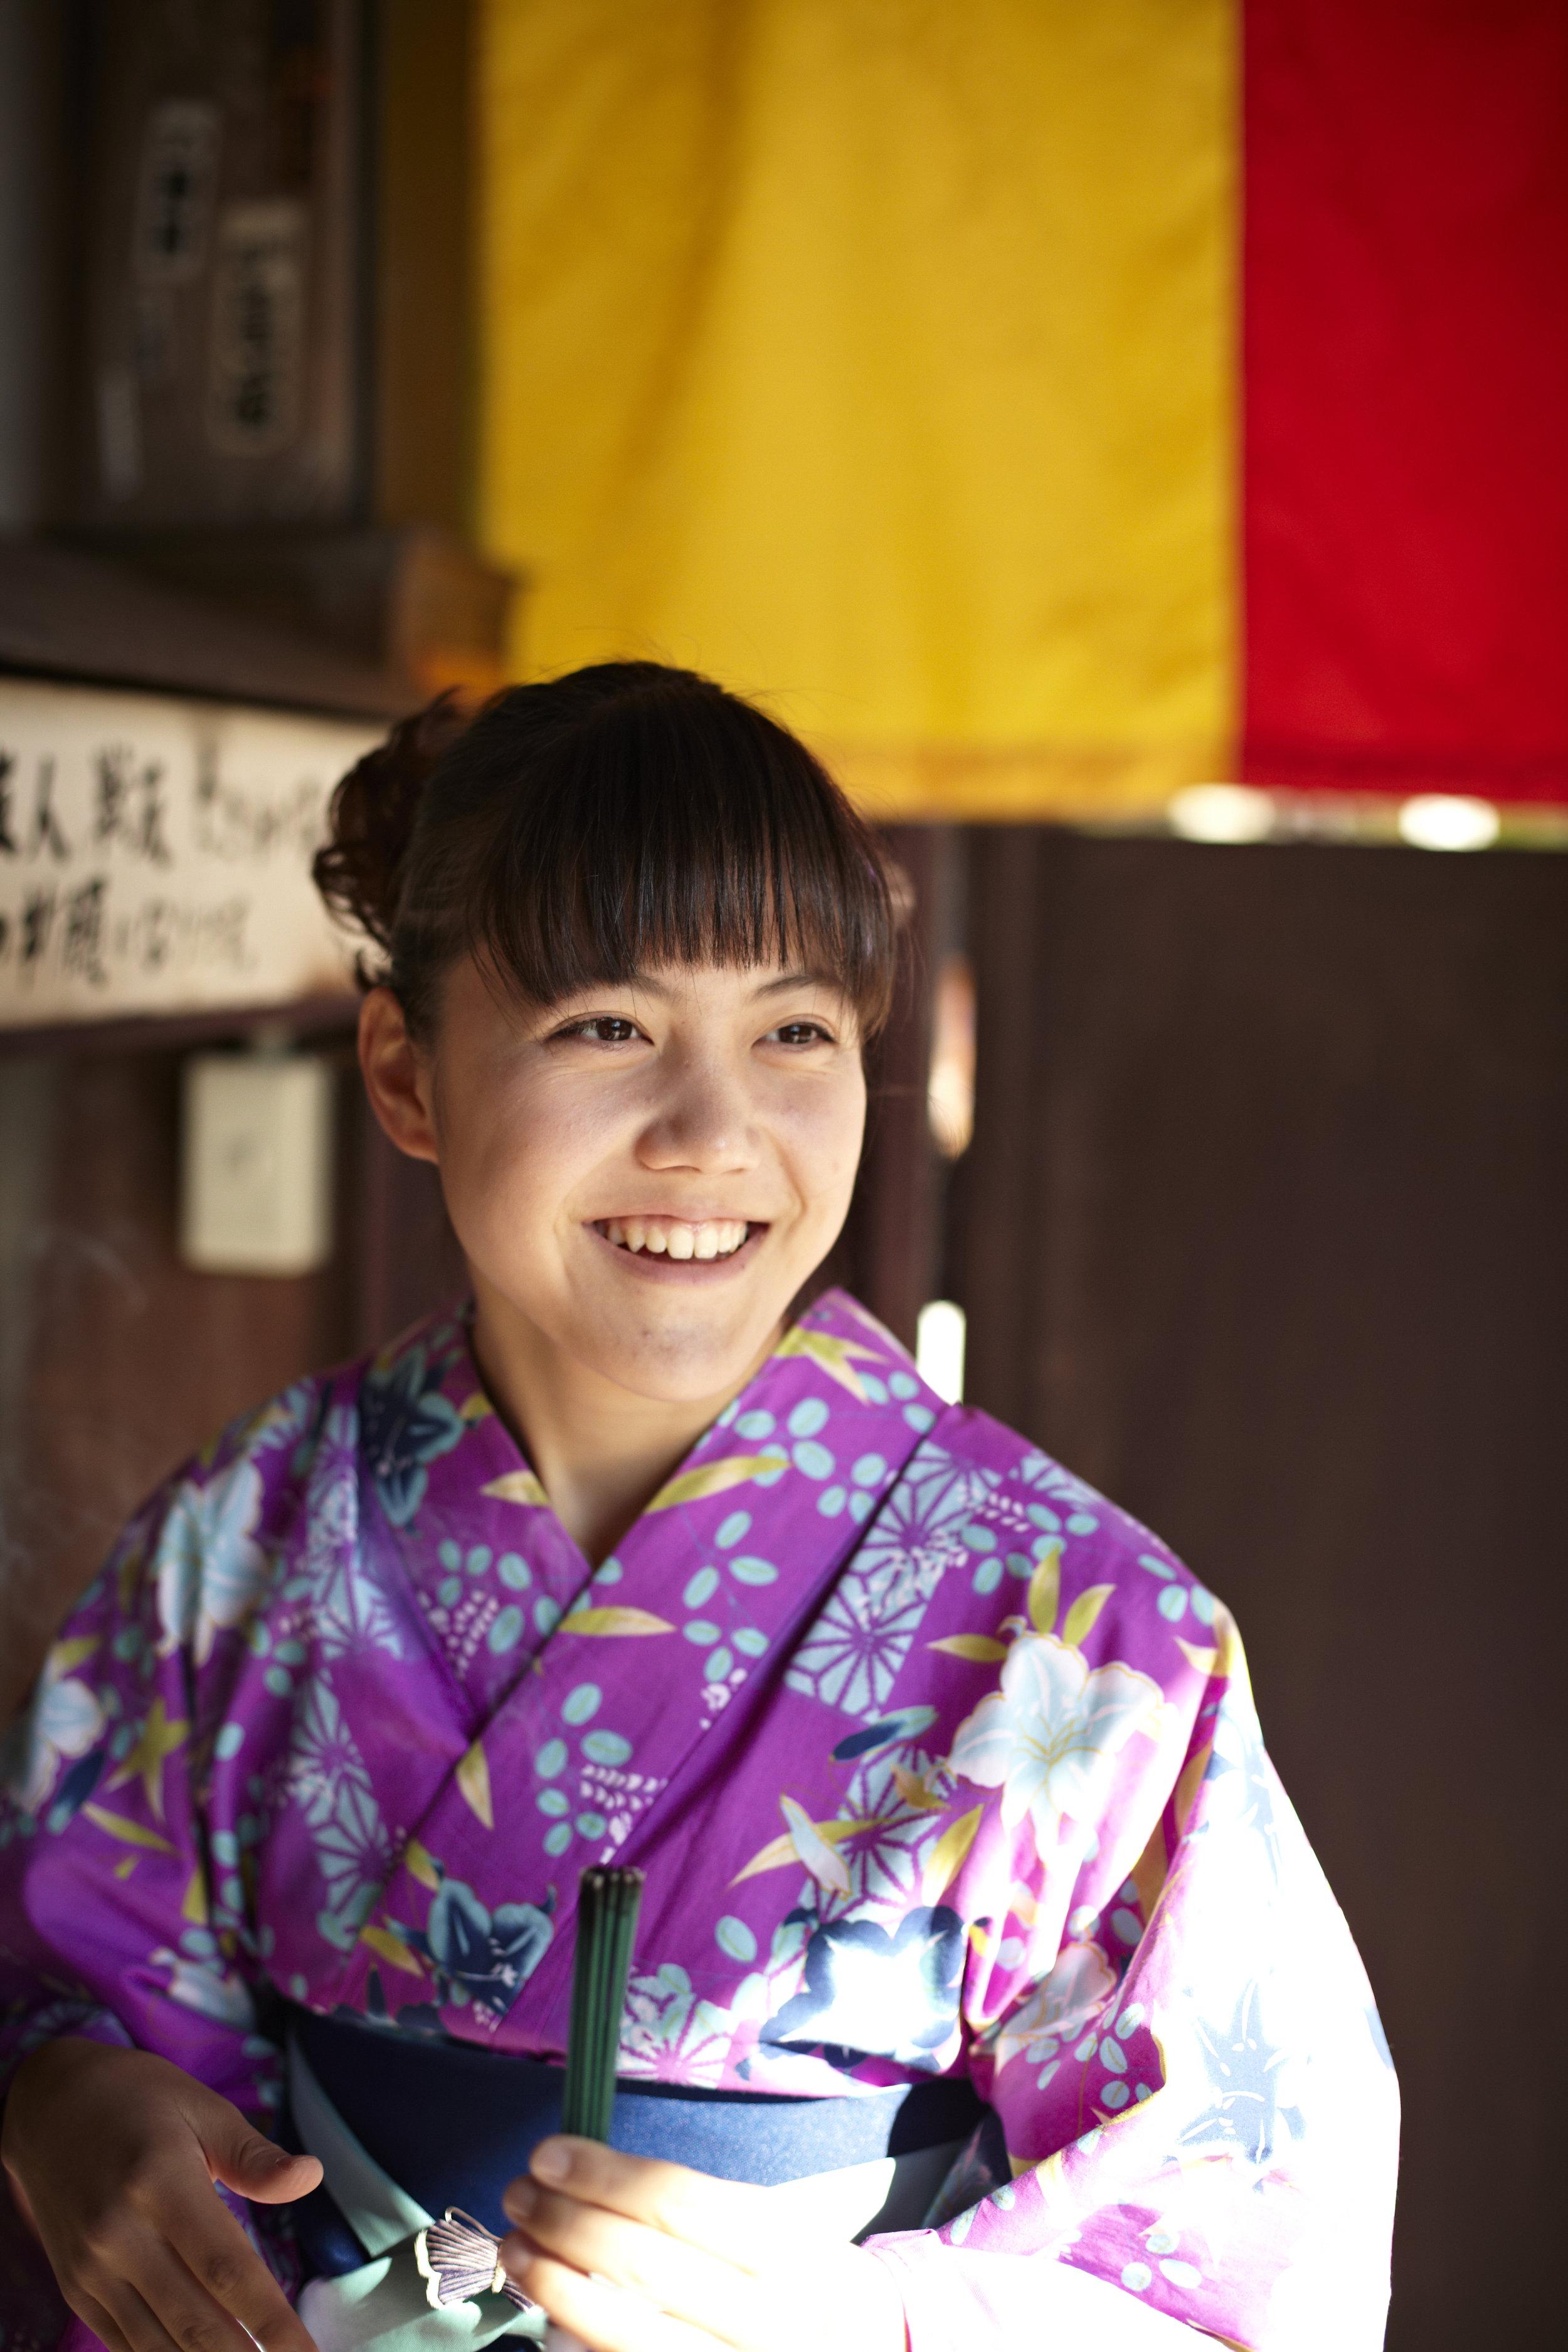 kanzanji_MG_3695.jpg